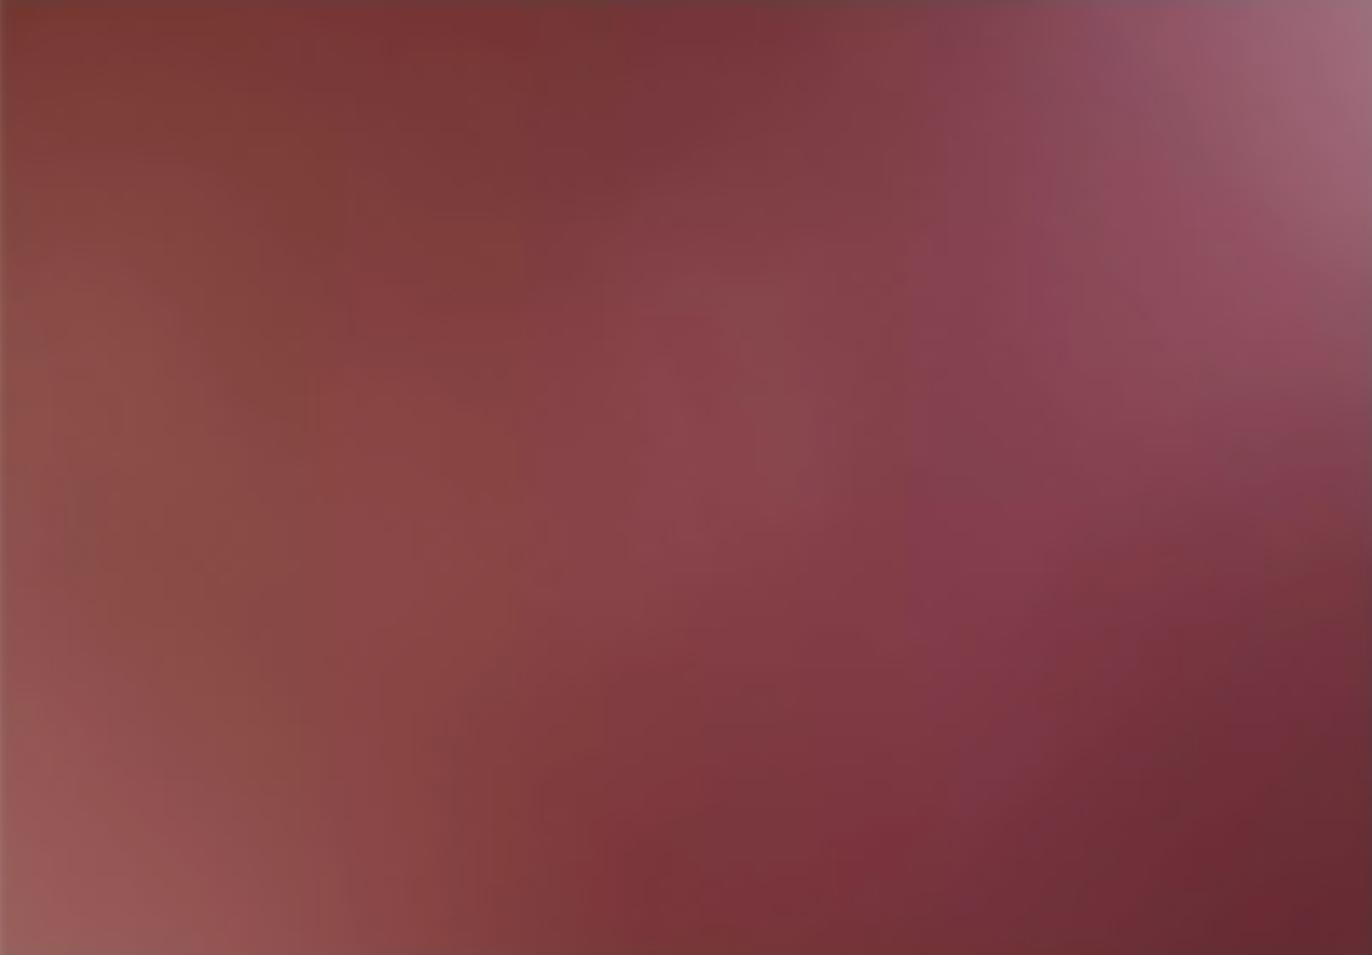 Bildschirmfoto 2018-10-17 um 15.58.35.png